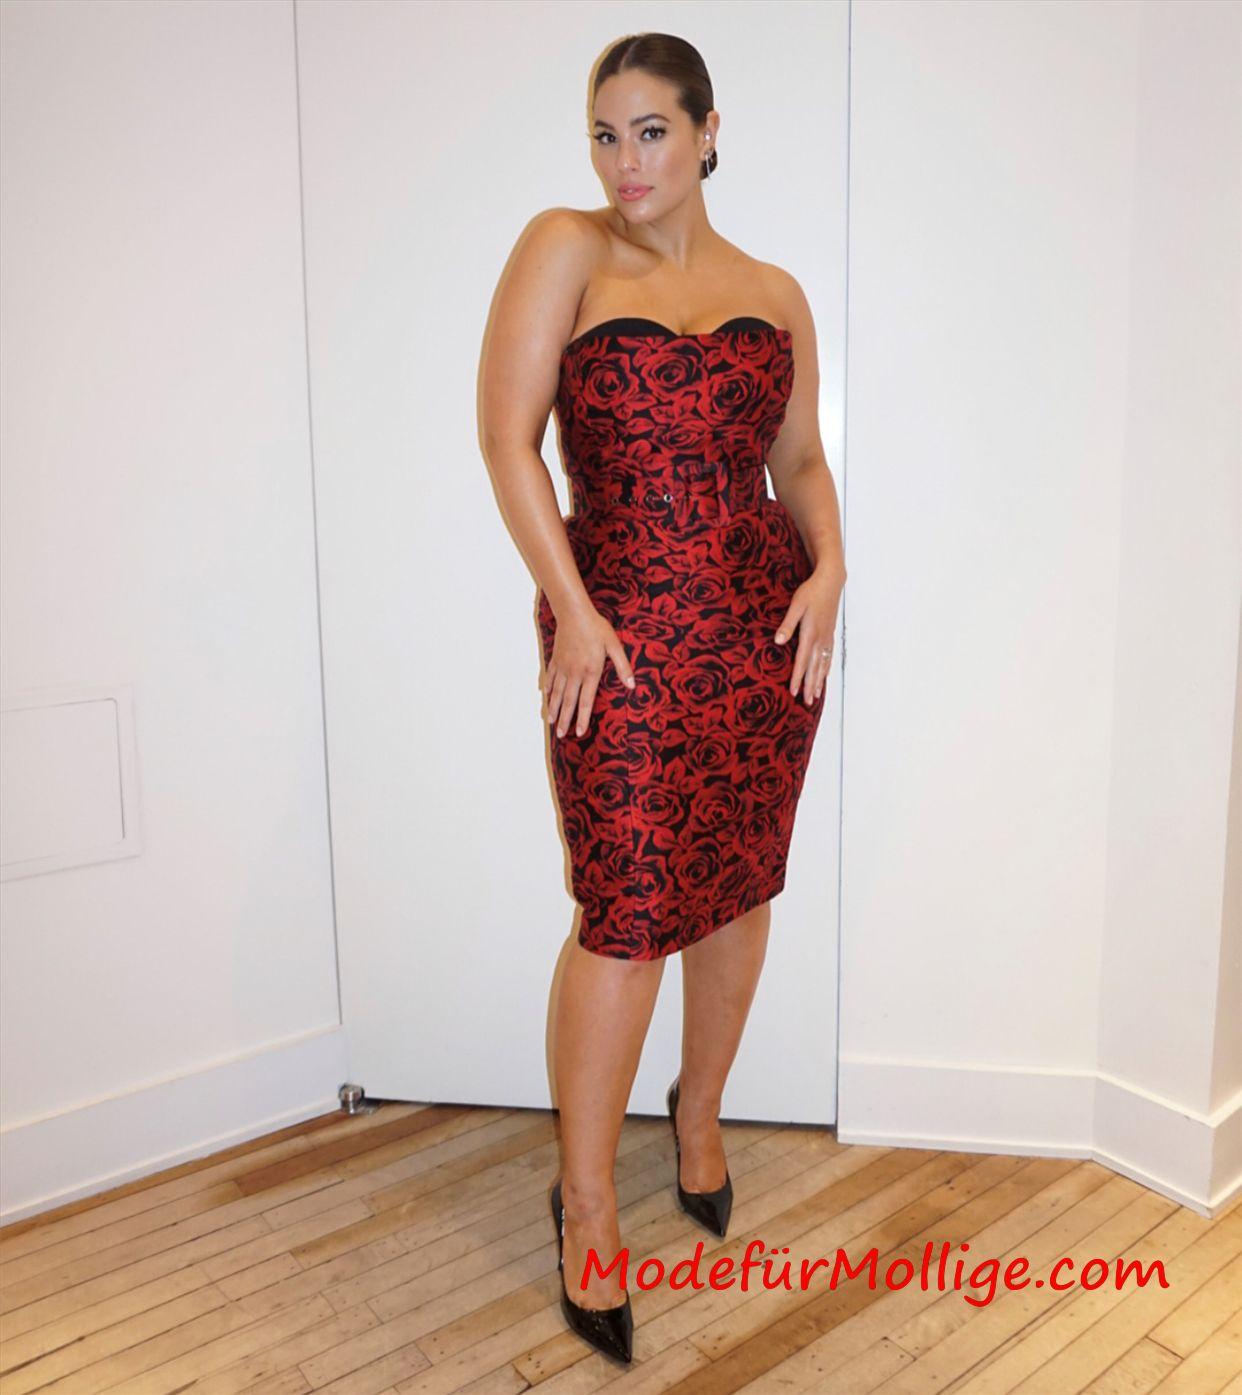 25 Große größen Kleid Ideen für Hochzeitsgäste - Gepunktet kurzes Abendkleid